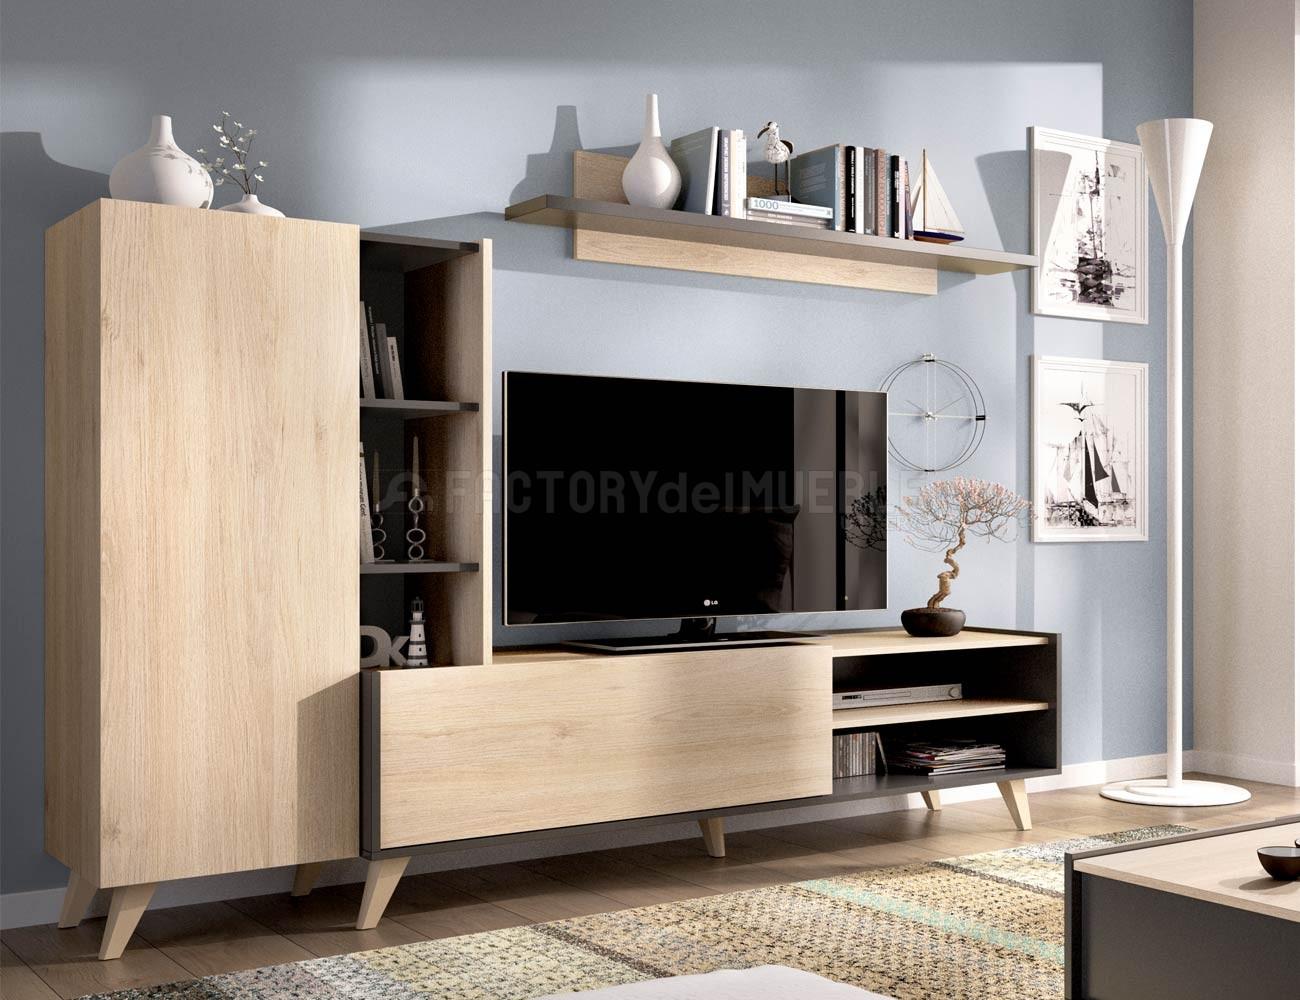 Mueble salon nordico